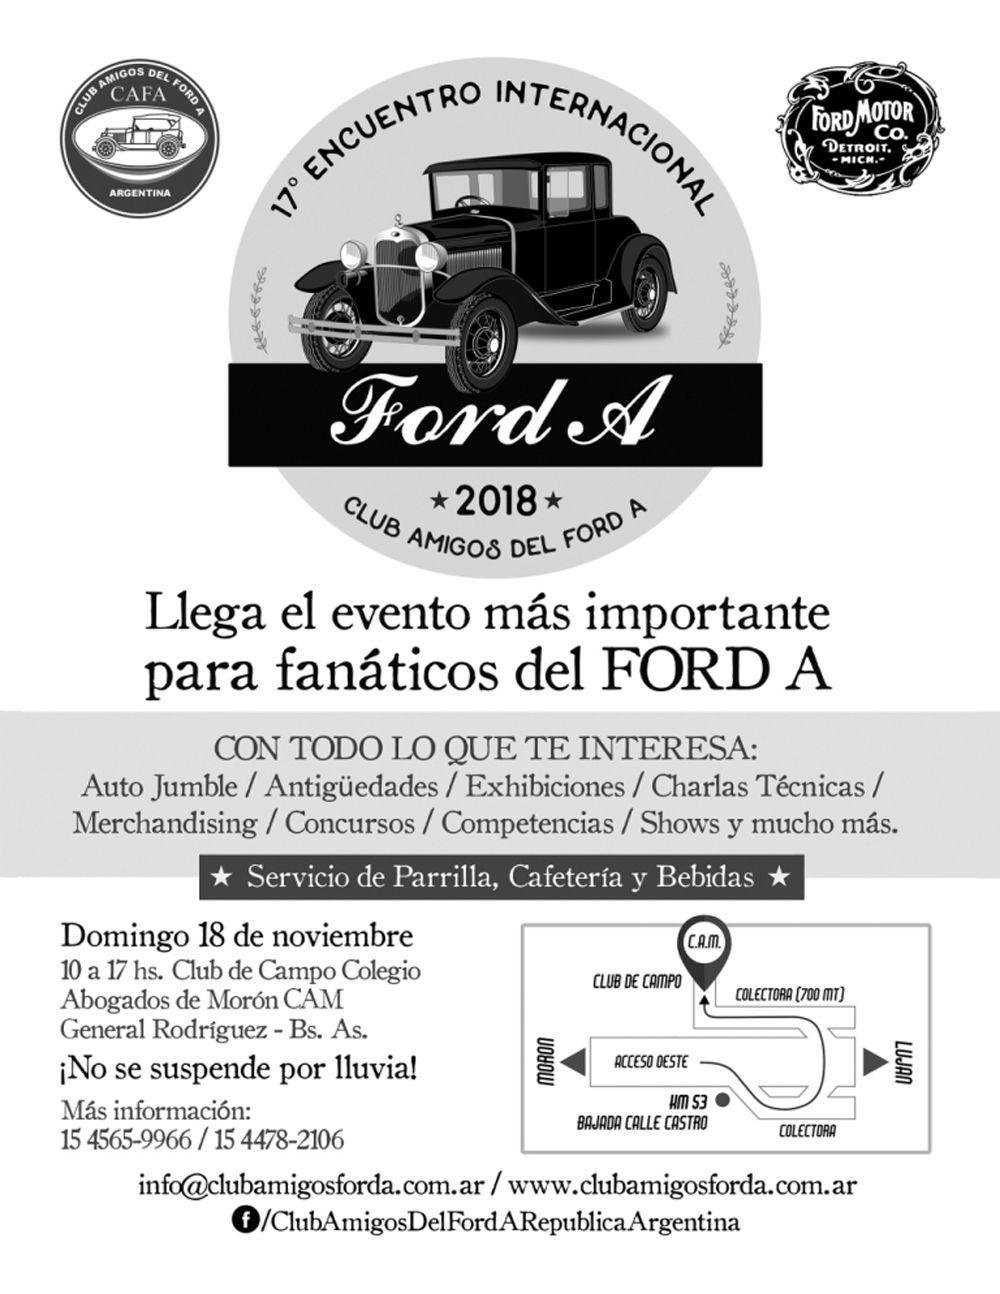 FORD-Ac-1